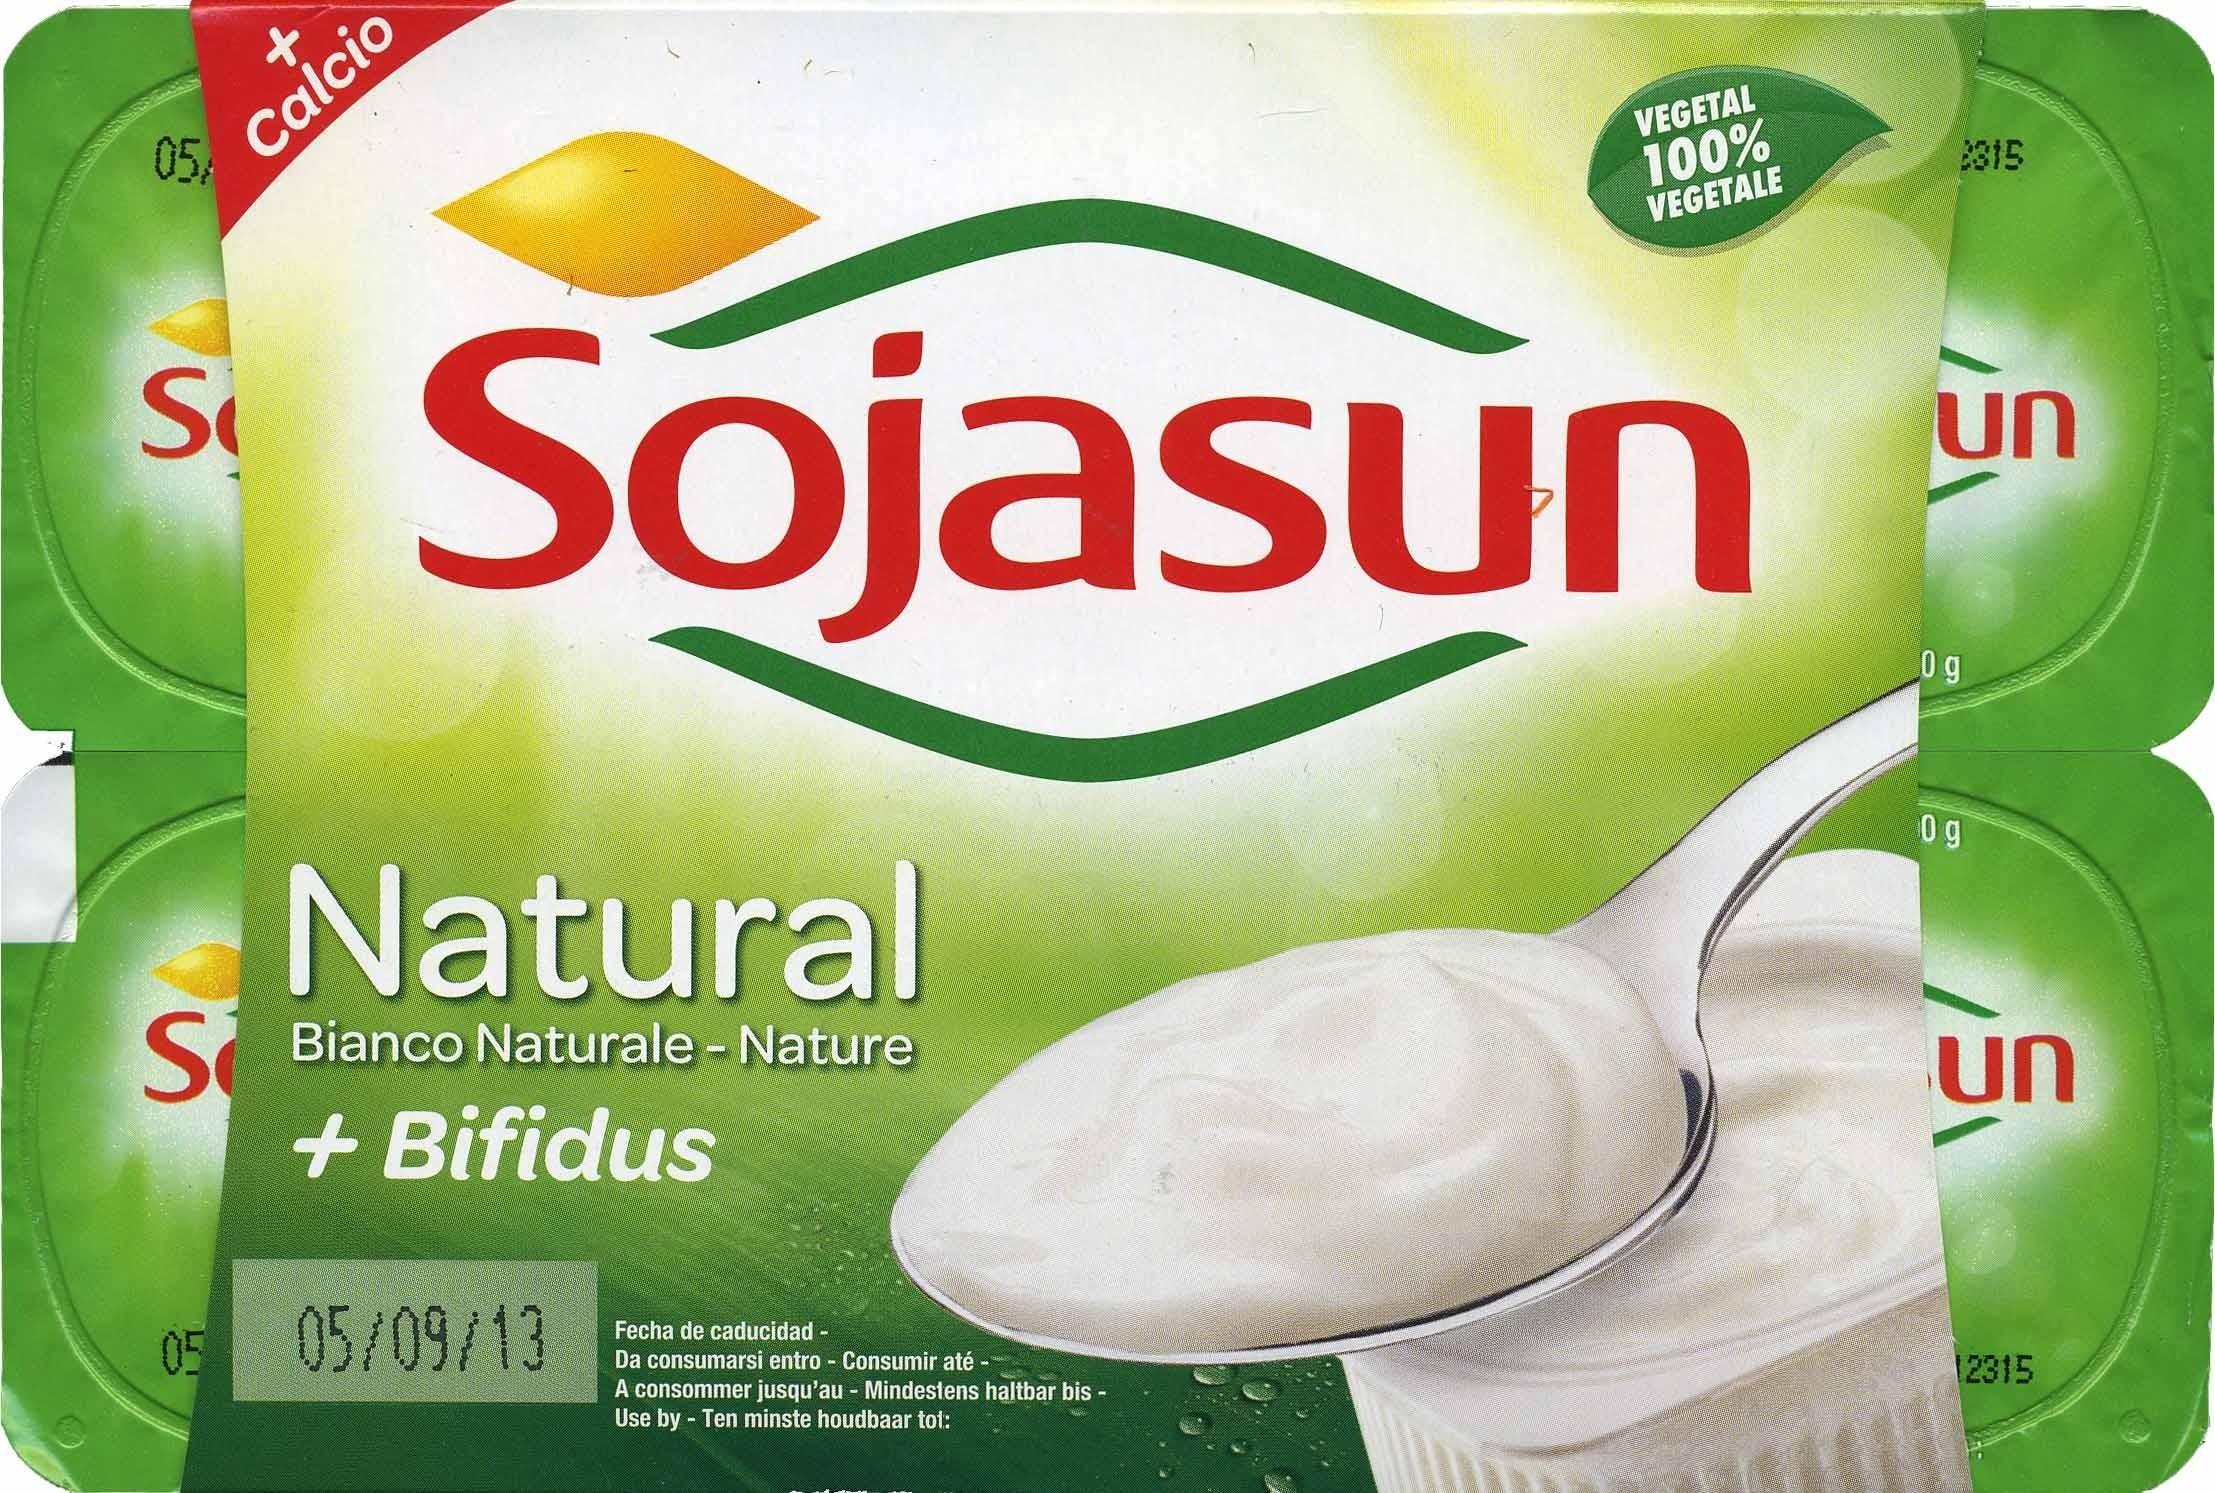 Postre de soja natural + bífidus - Producte